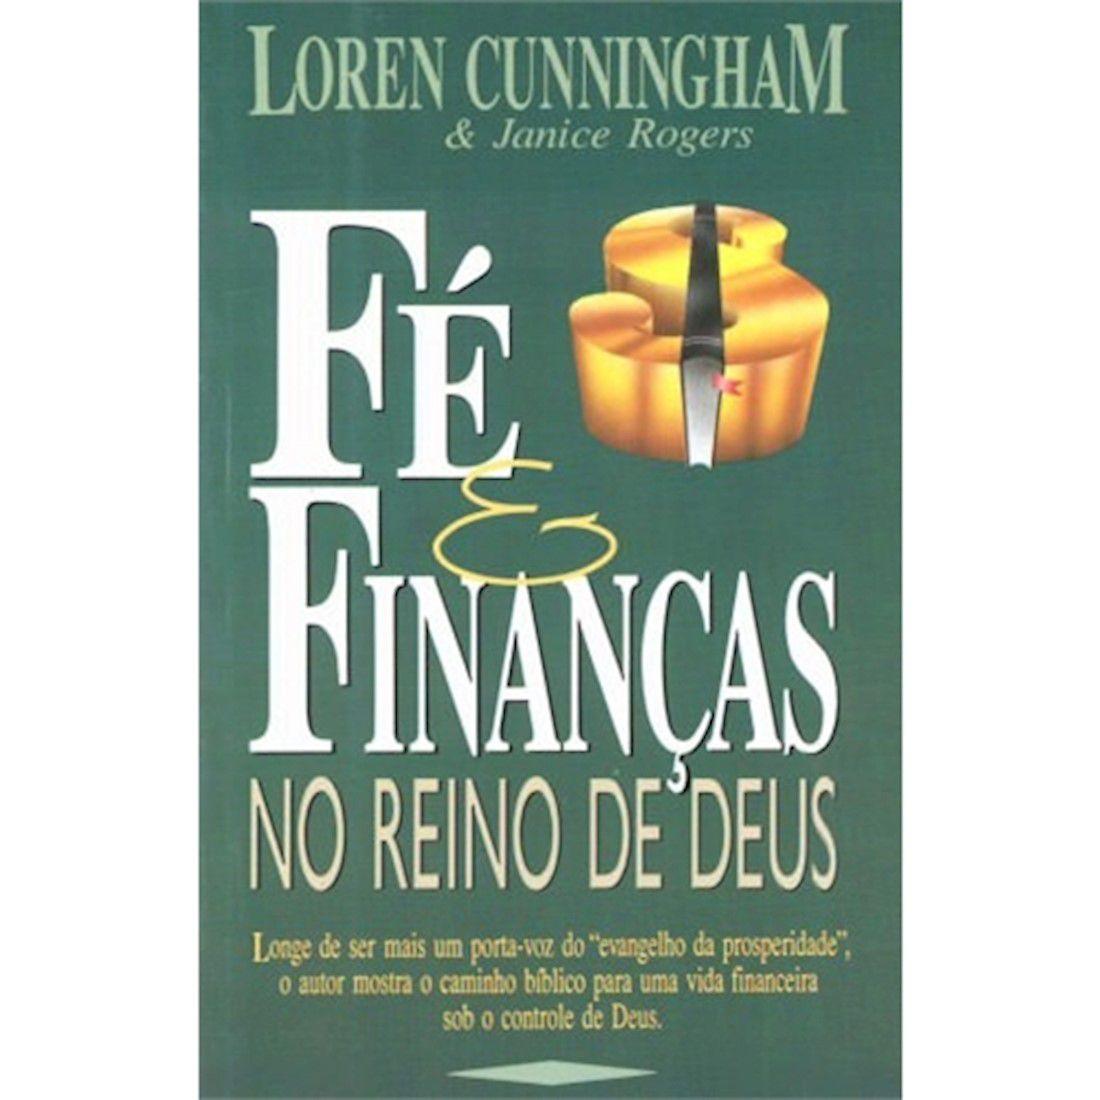 Livro Fé e Finanças no Reino de Deus